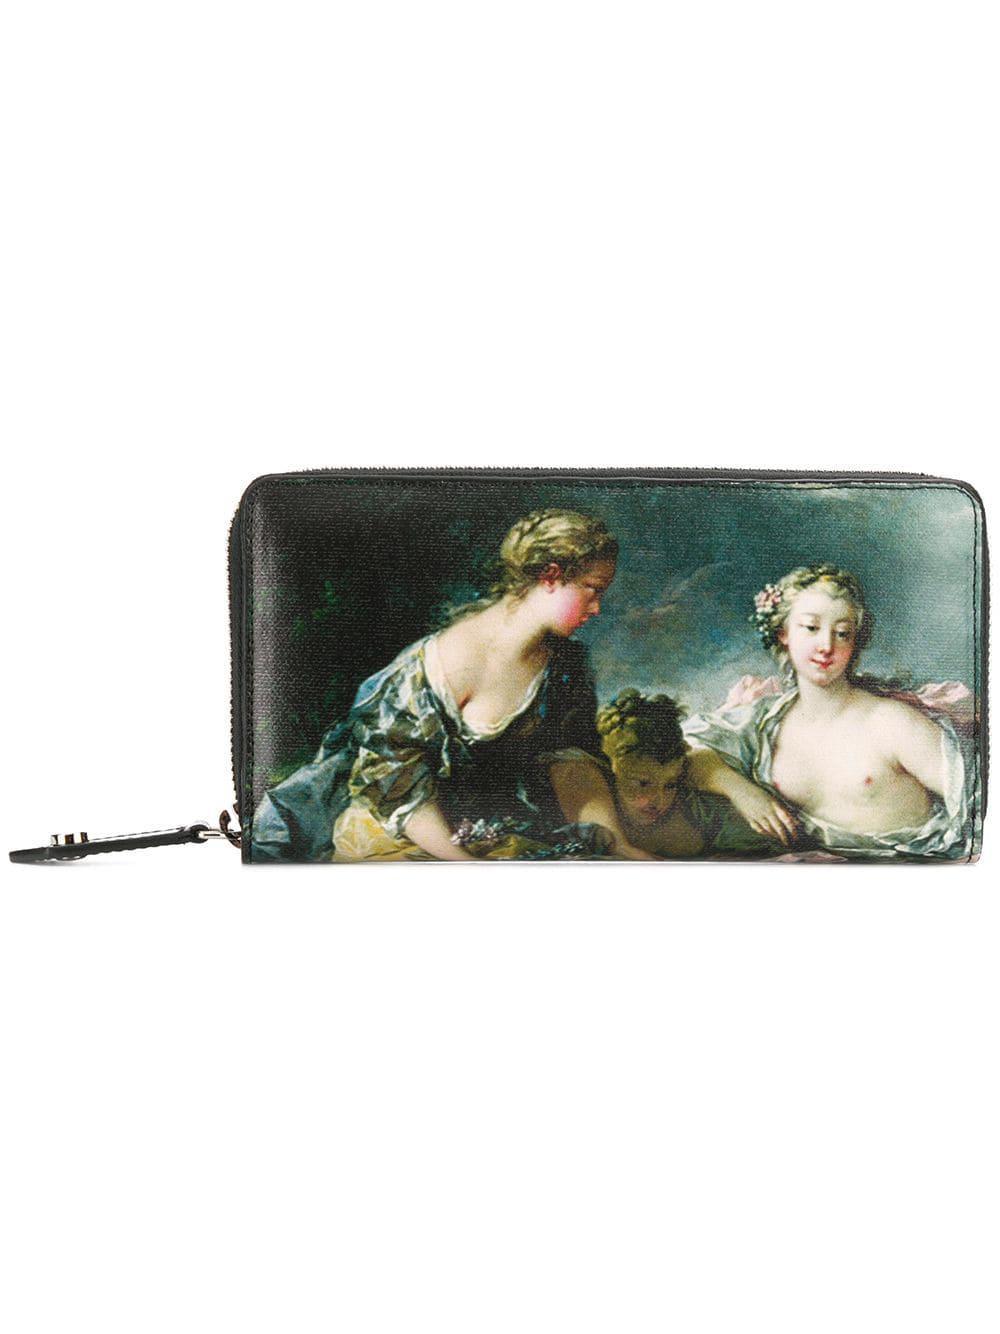 5876ecdfb6c Vivienne Westwood Printed Zip Around Wallet in Green - Lyst